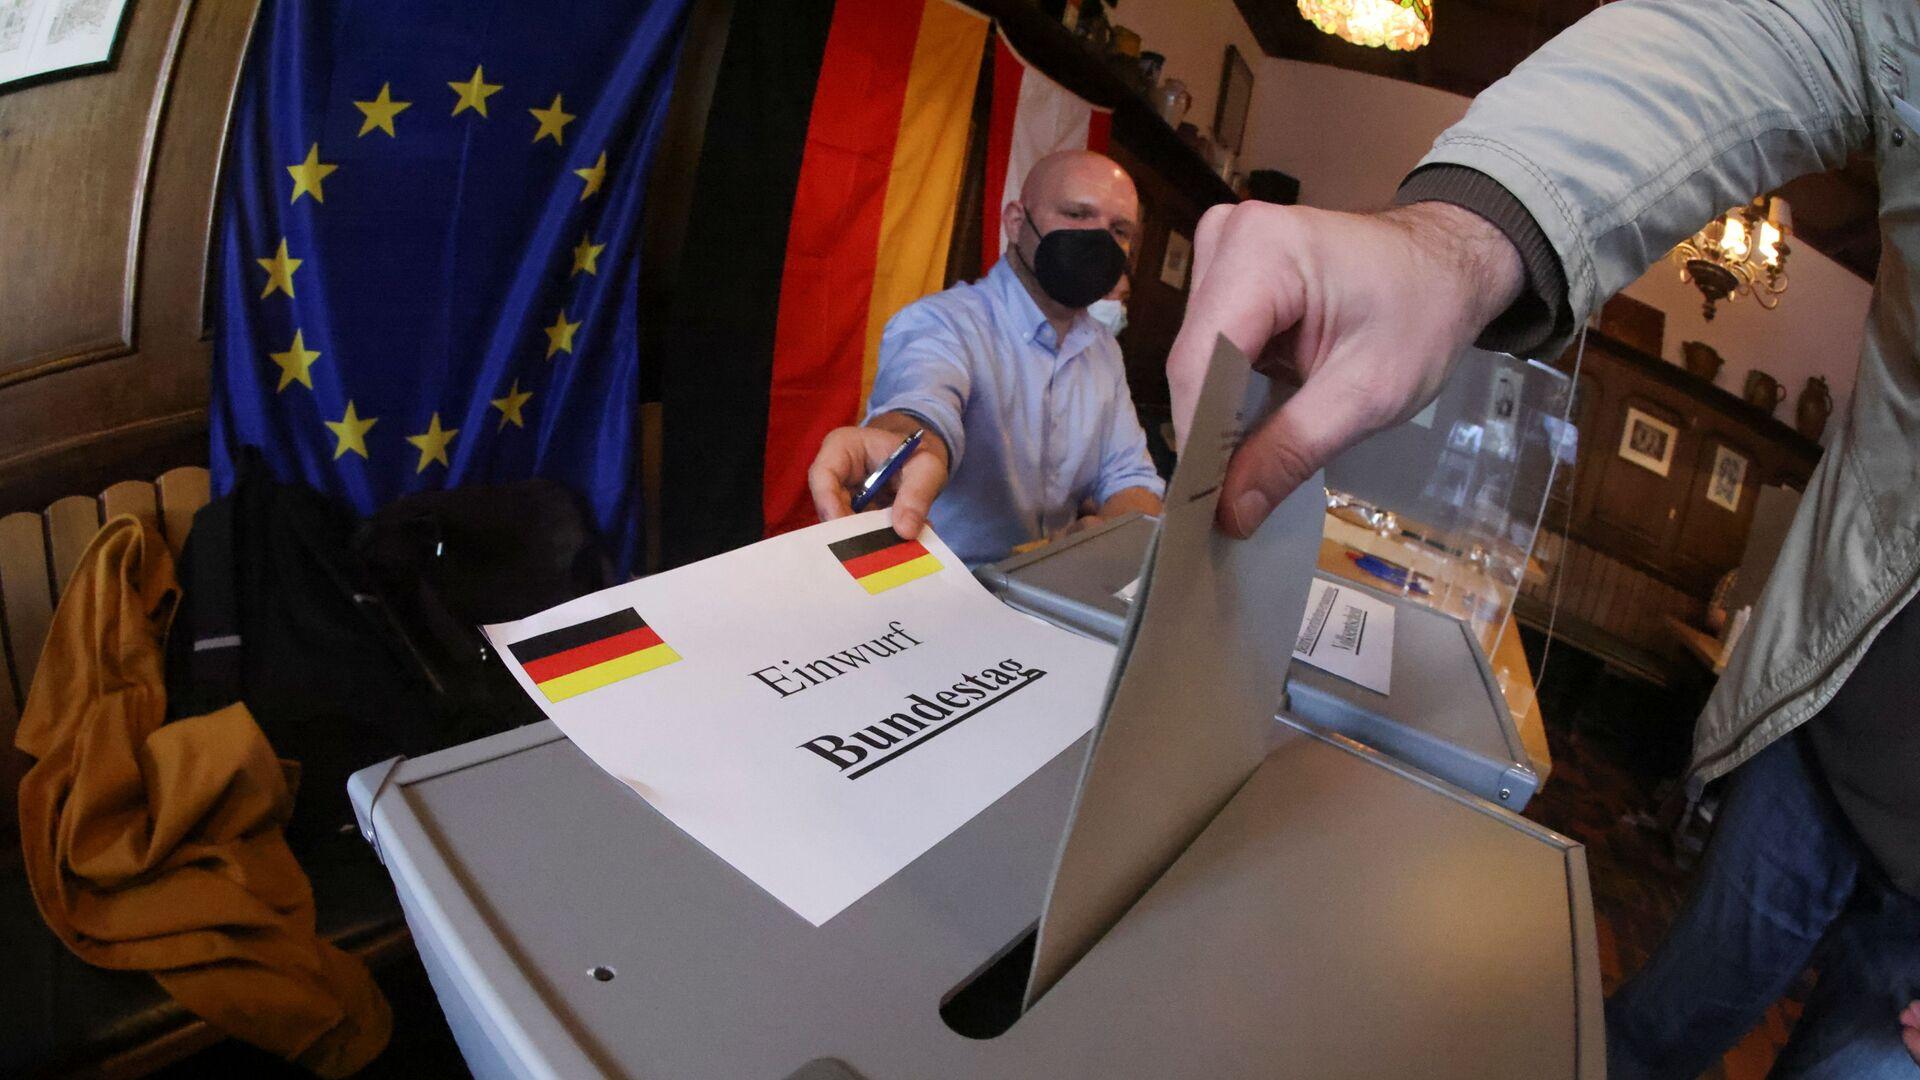 Bỏ phiếu trong cuộc bầu cử quốc hội ở Berlin, Đức - Sputnik Việt Nam, 1920, 28.09.2021